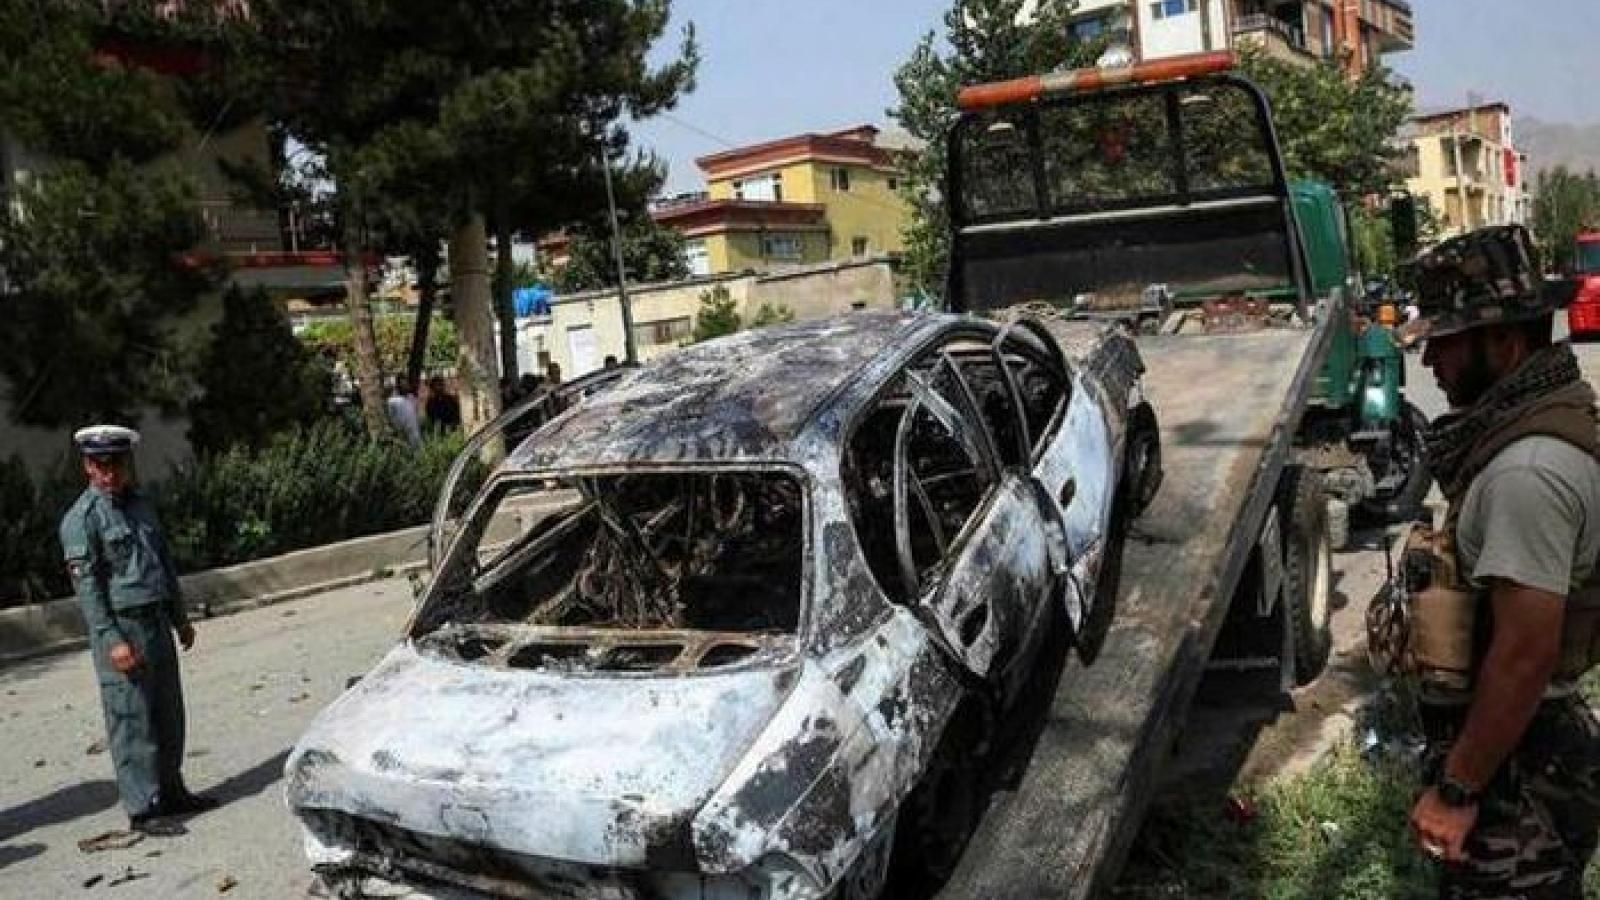 Thủ đô Kabul (Afghanistan) bị rocket tấn công